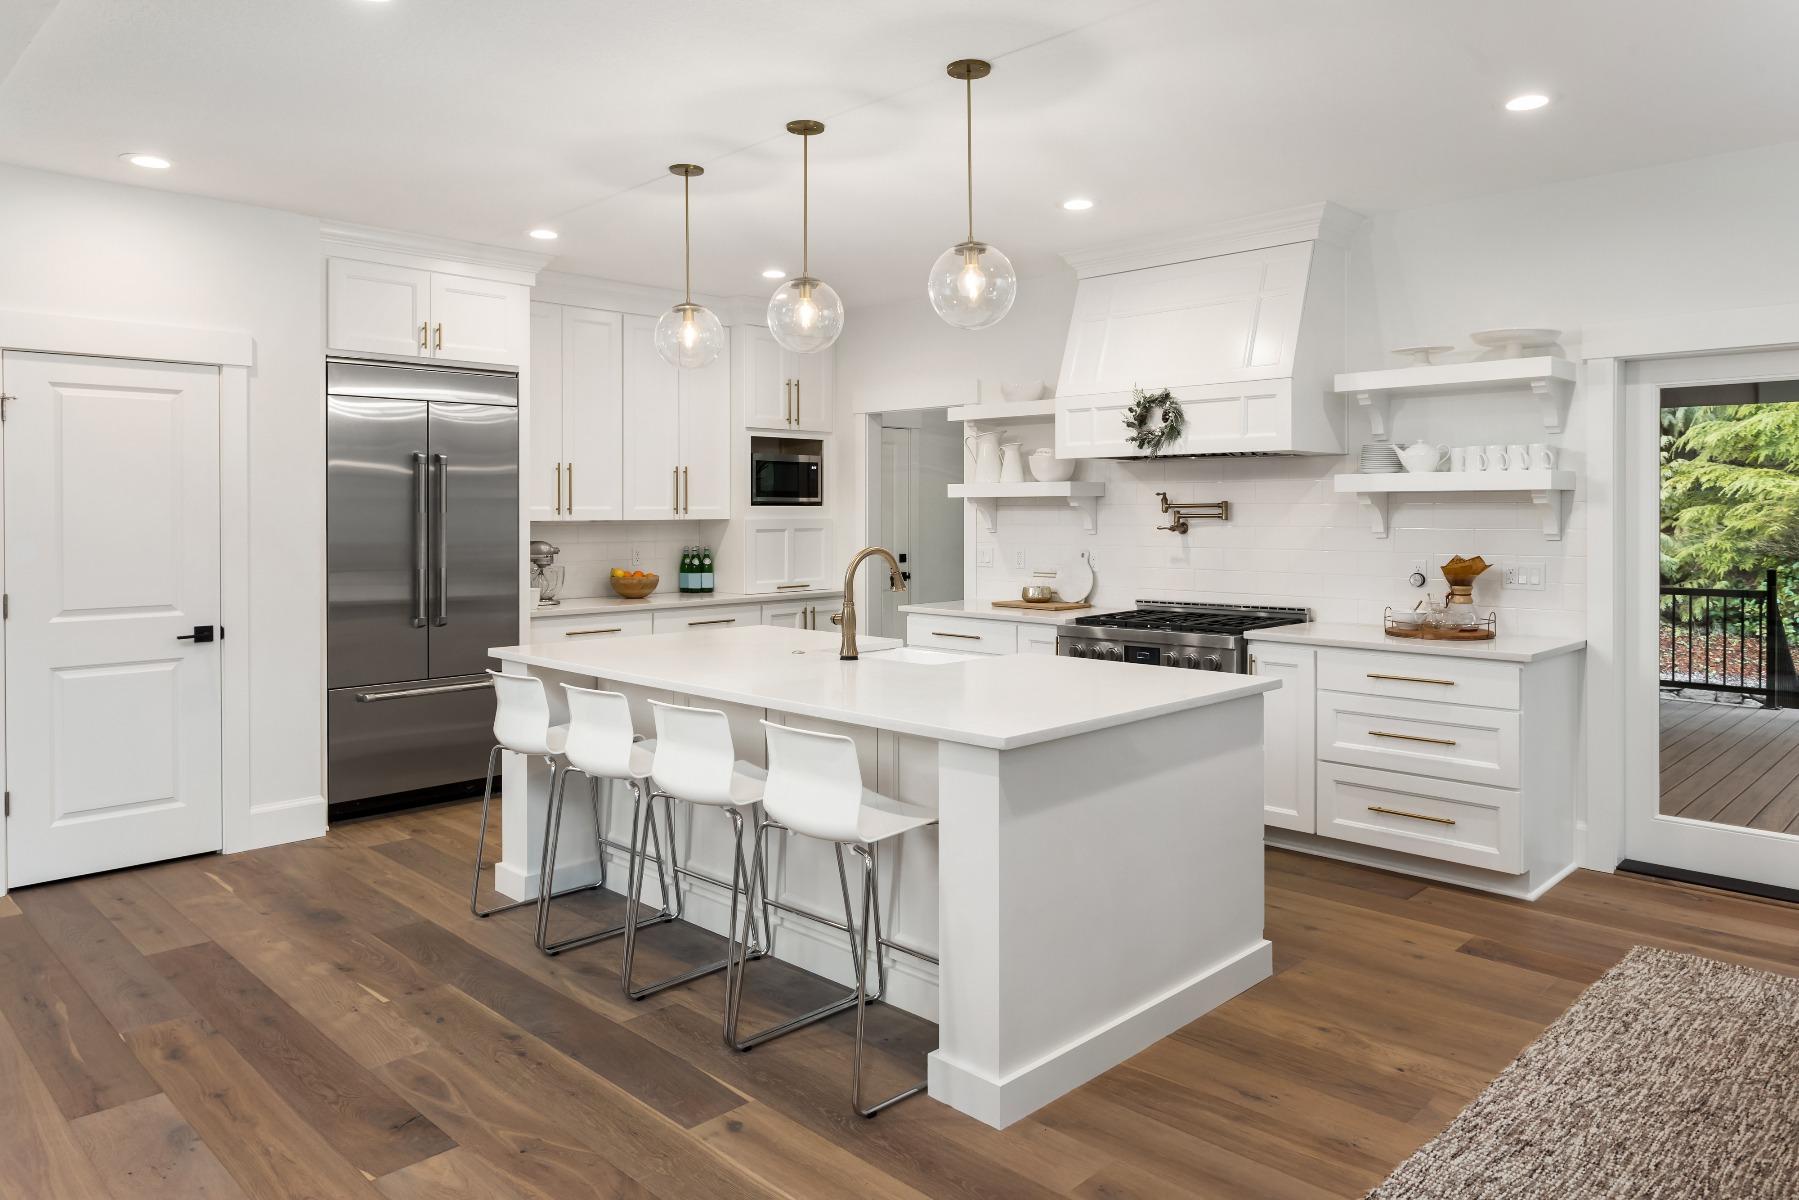 Das Bild zeigt eine Küche im Landhausstil.